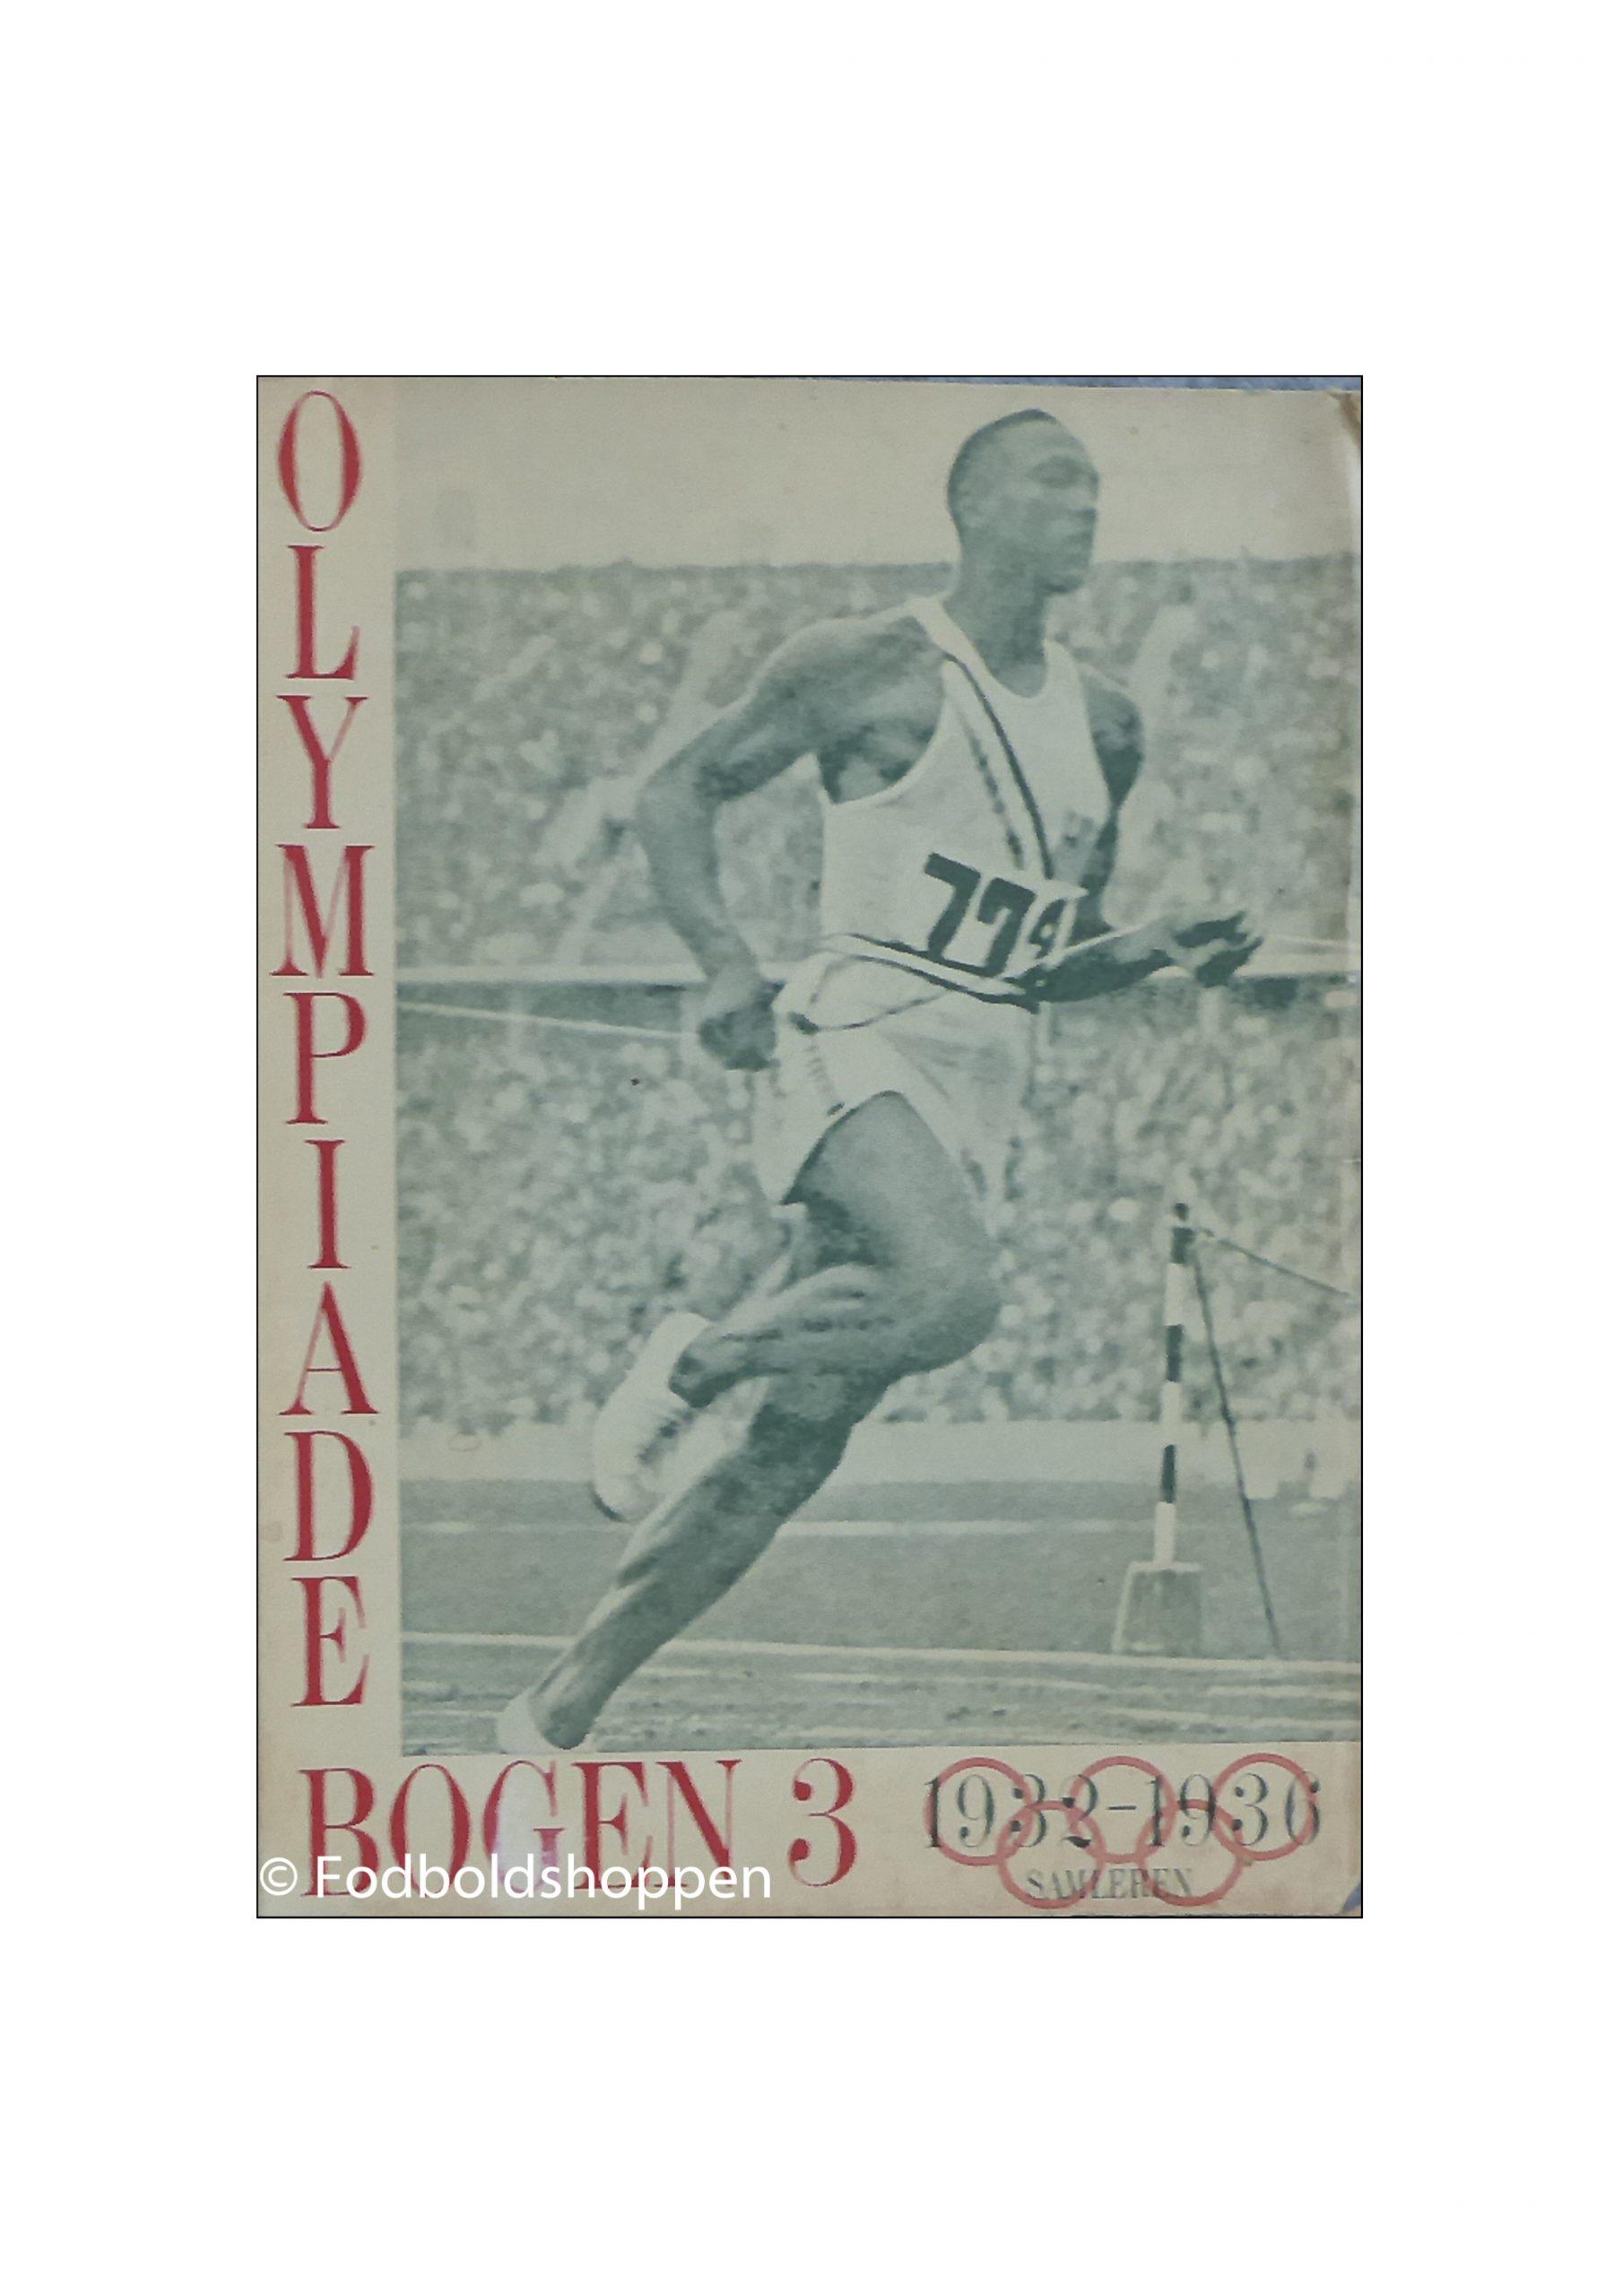 Olympiadebogen 1932-1936